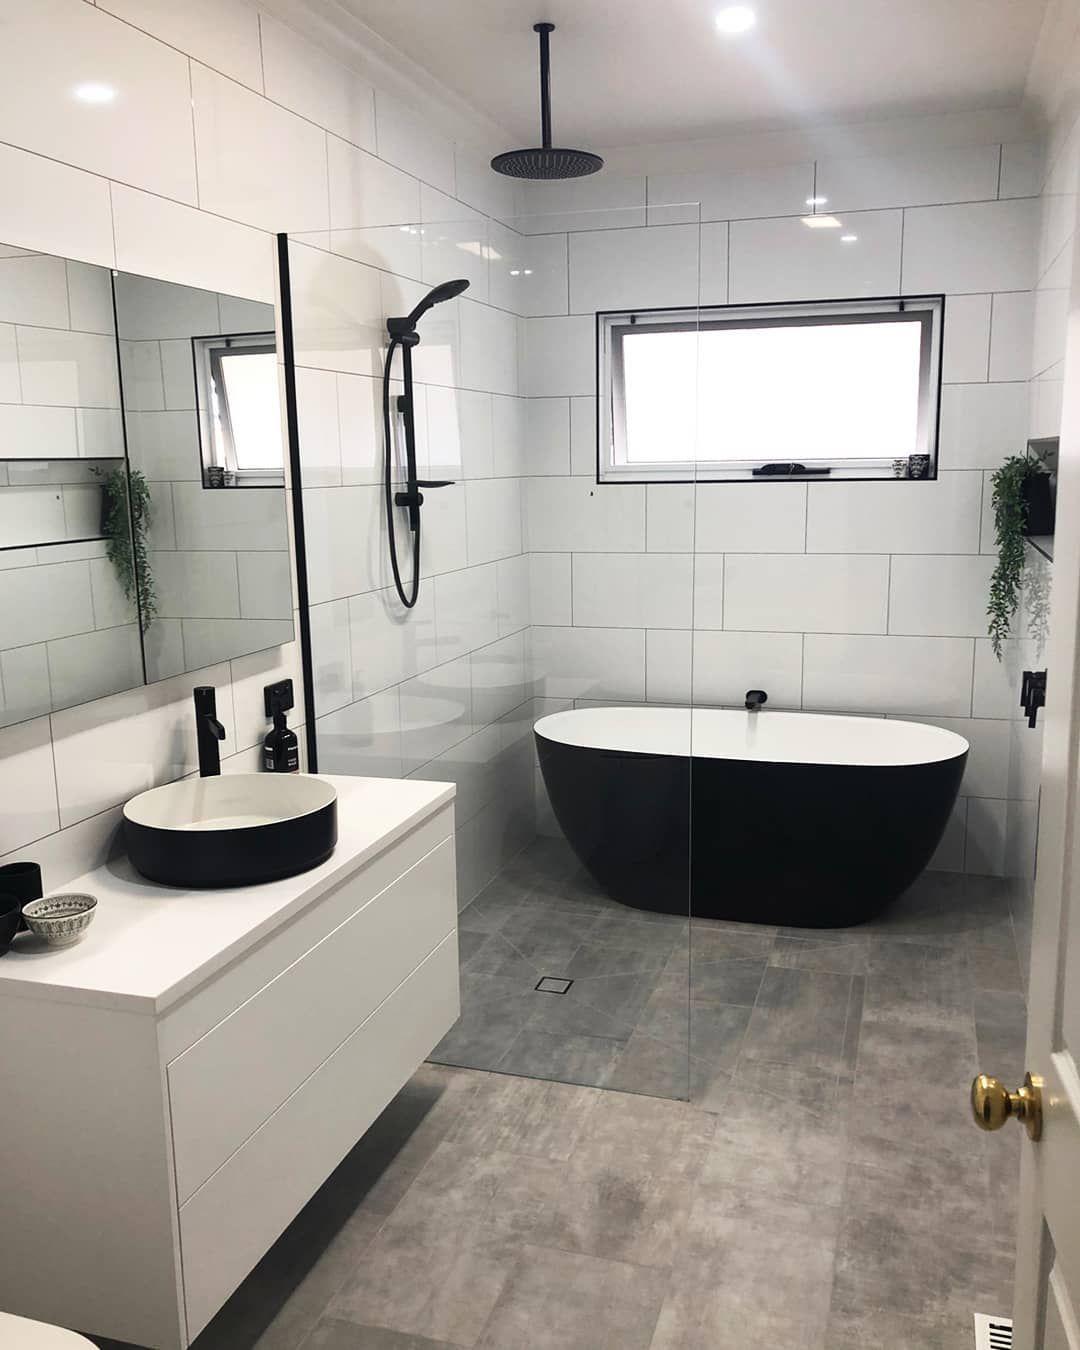 Reece Posh Solus 900 Vanity Vanity Units Bathroom Remodel Designs